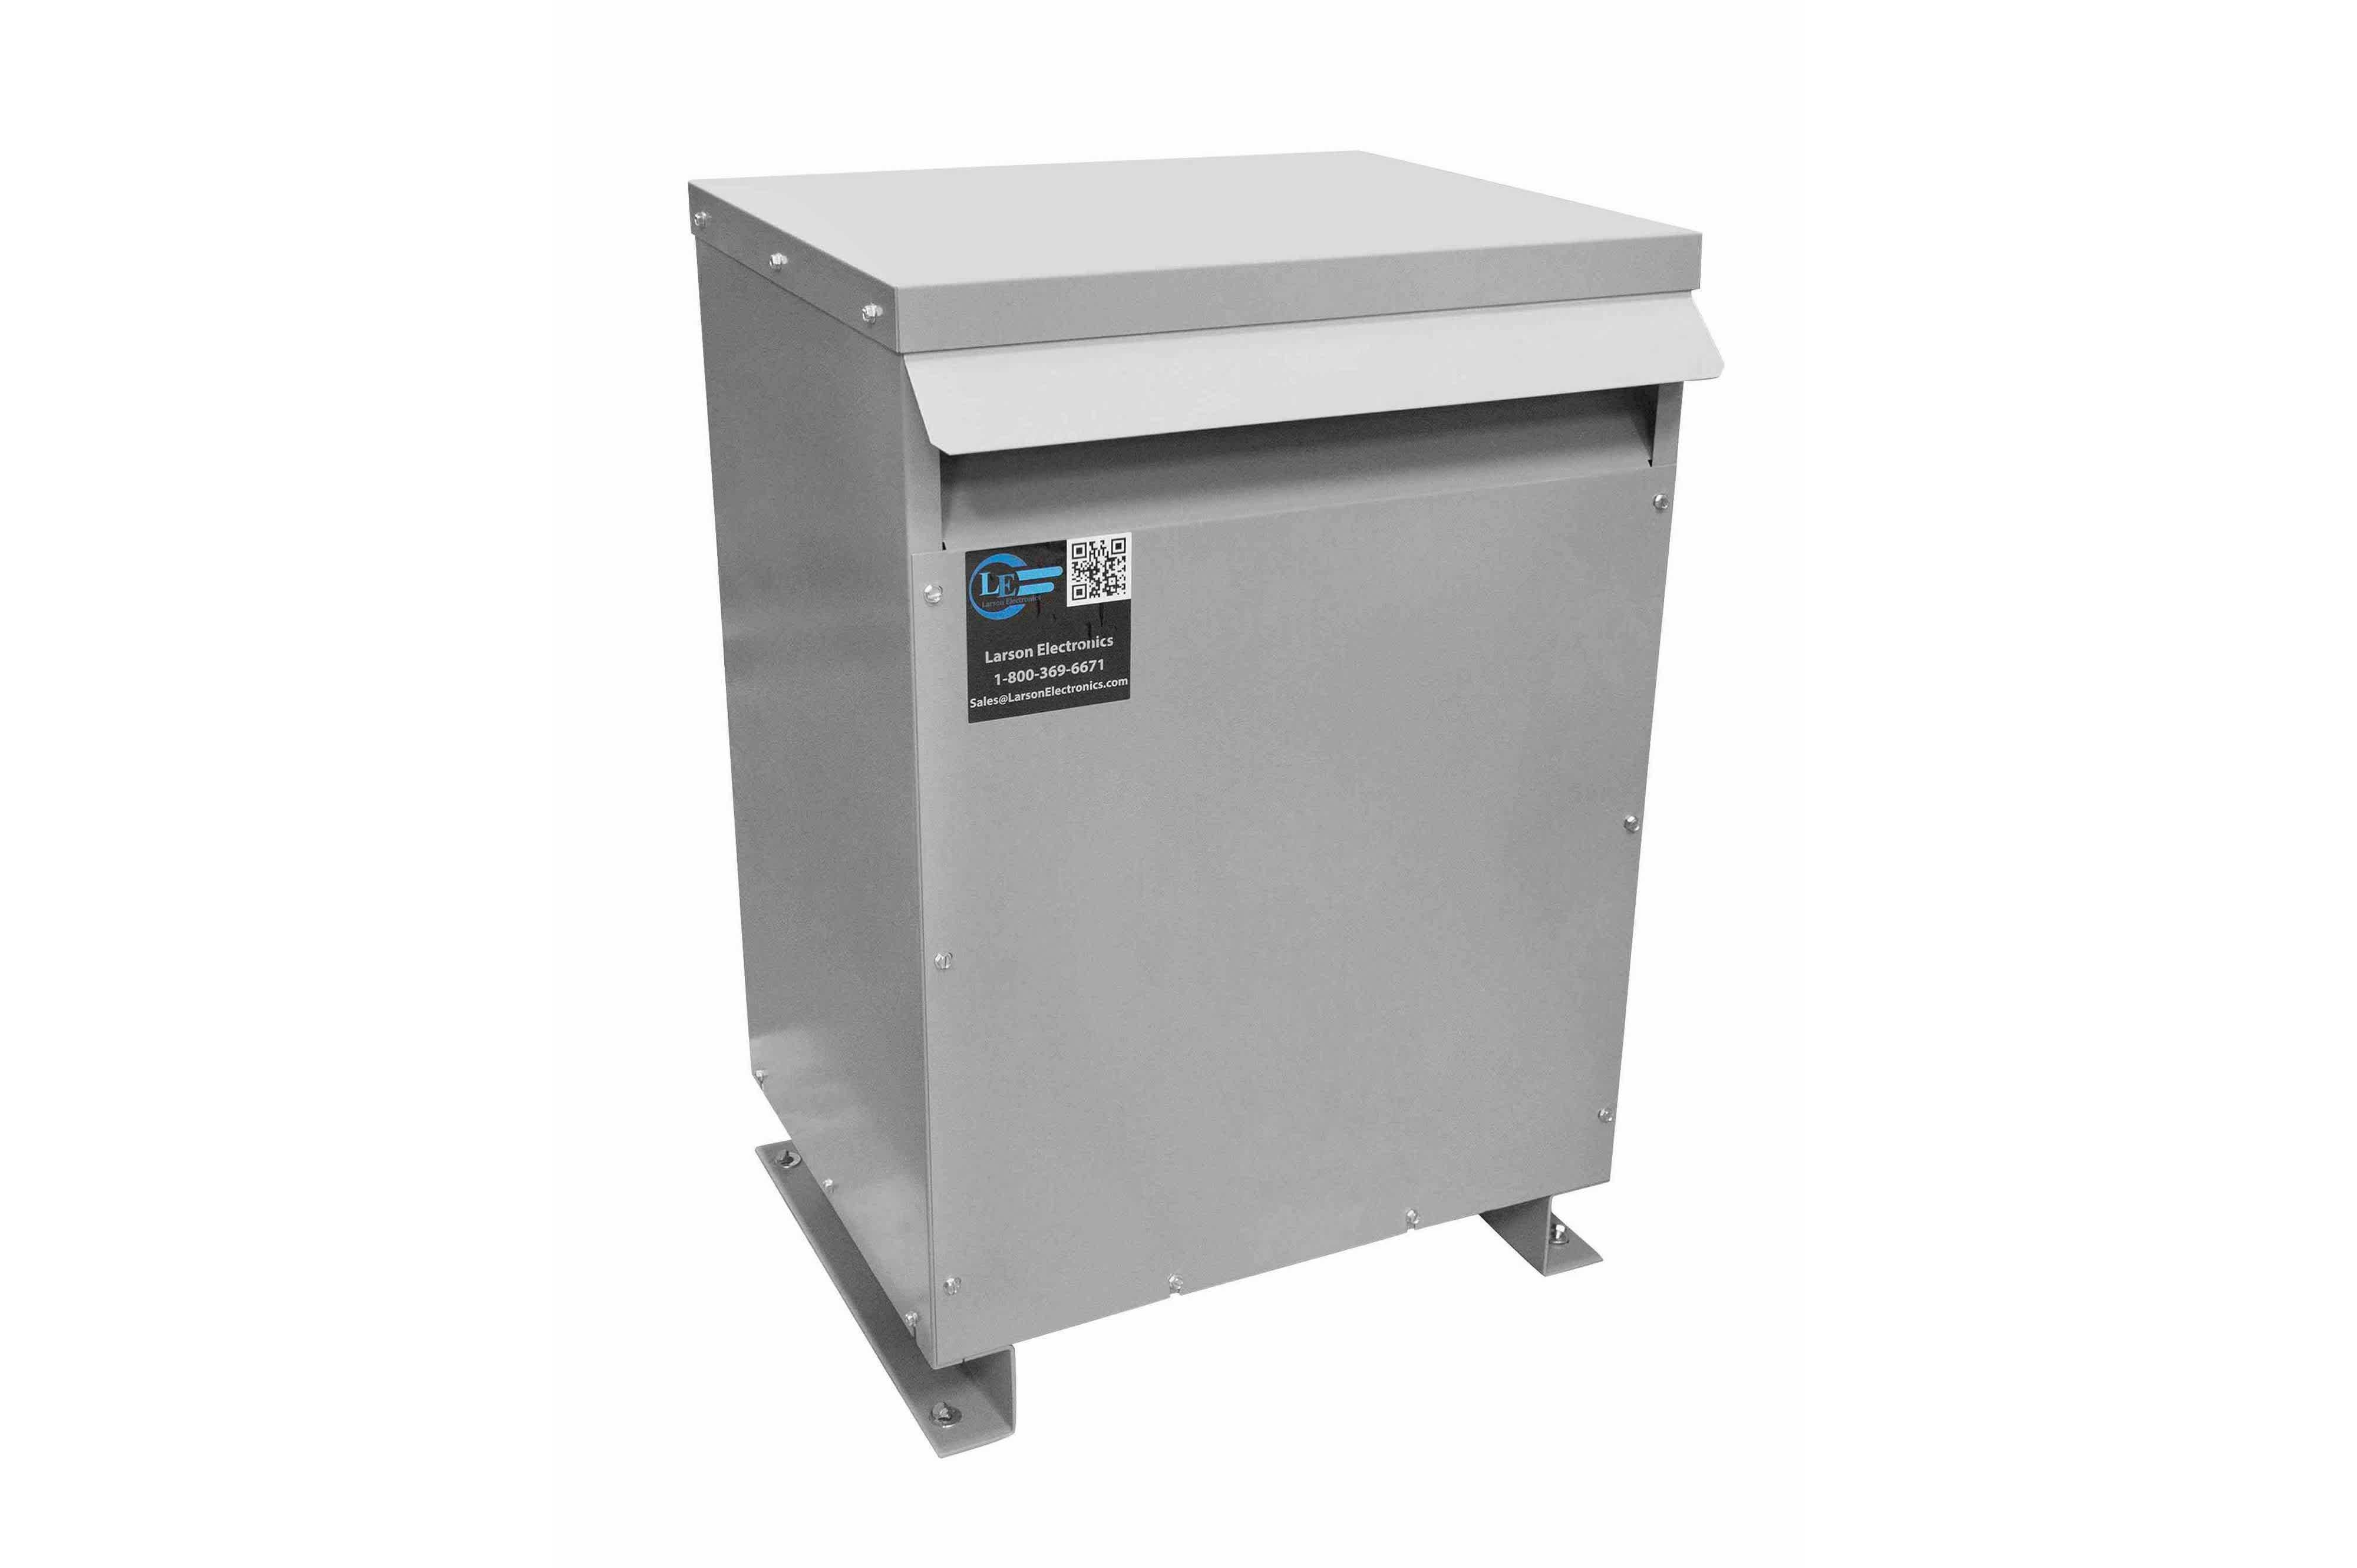 90 kVA 3PH Isolation Transformer, 600V Delta Primary, 400V Delta Secondary, N3R, Ventilated, 60 Hz